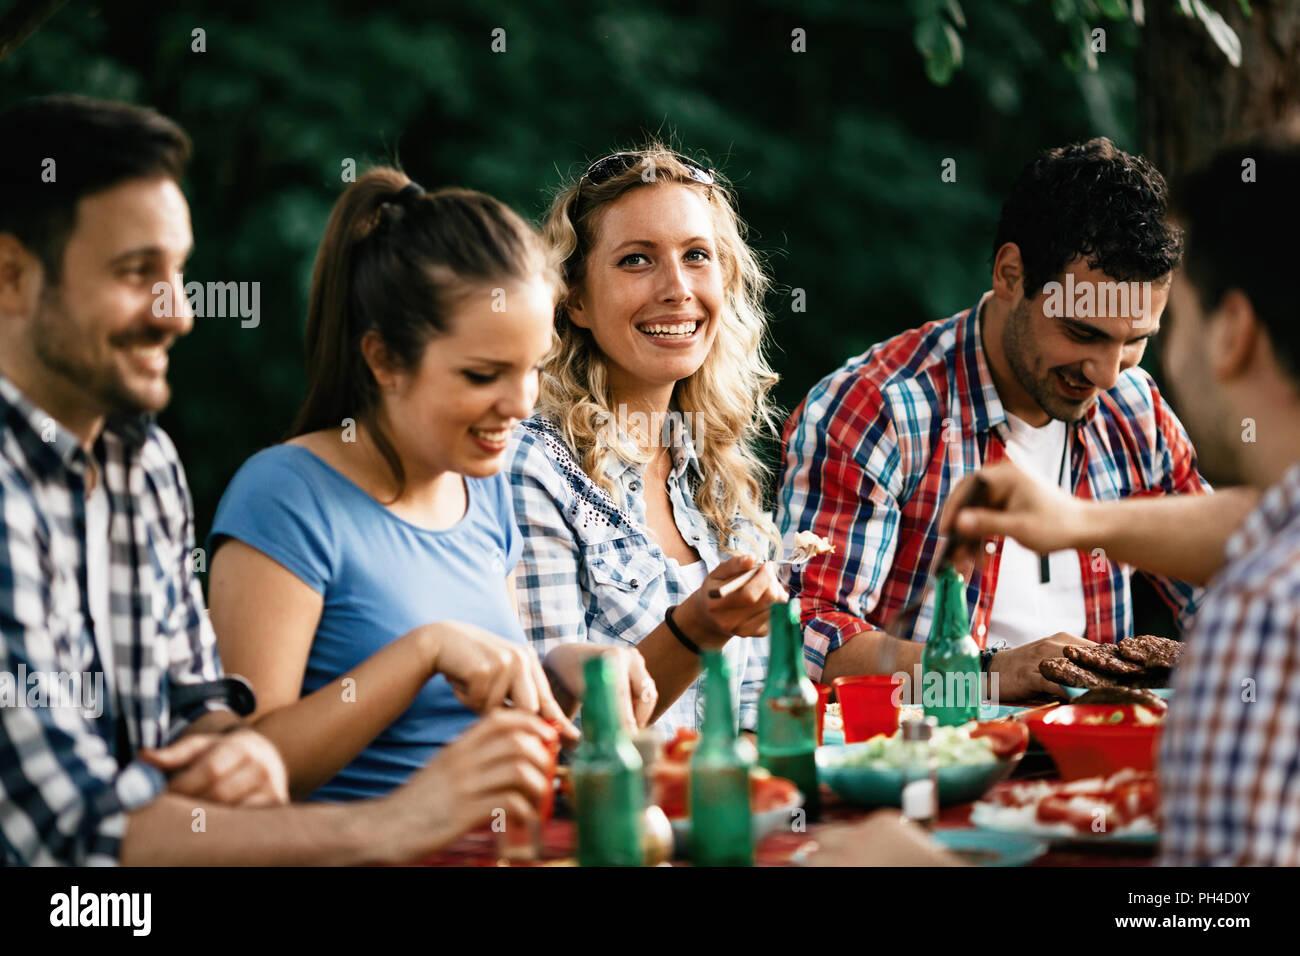 Gruppe von Menschen glücklich Essen im Freien Stockfoto